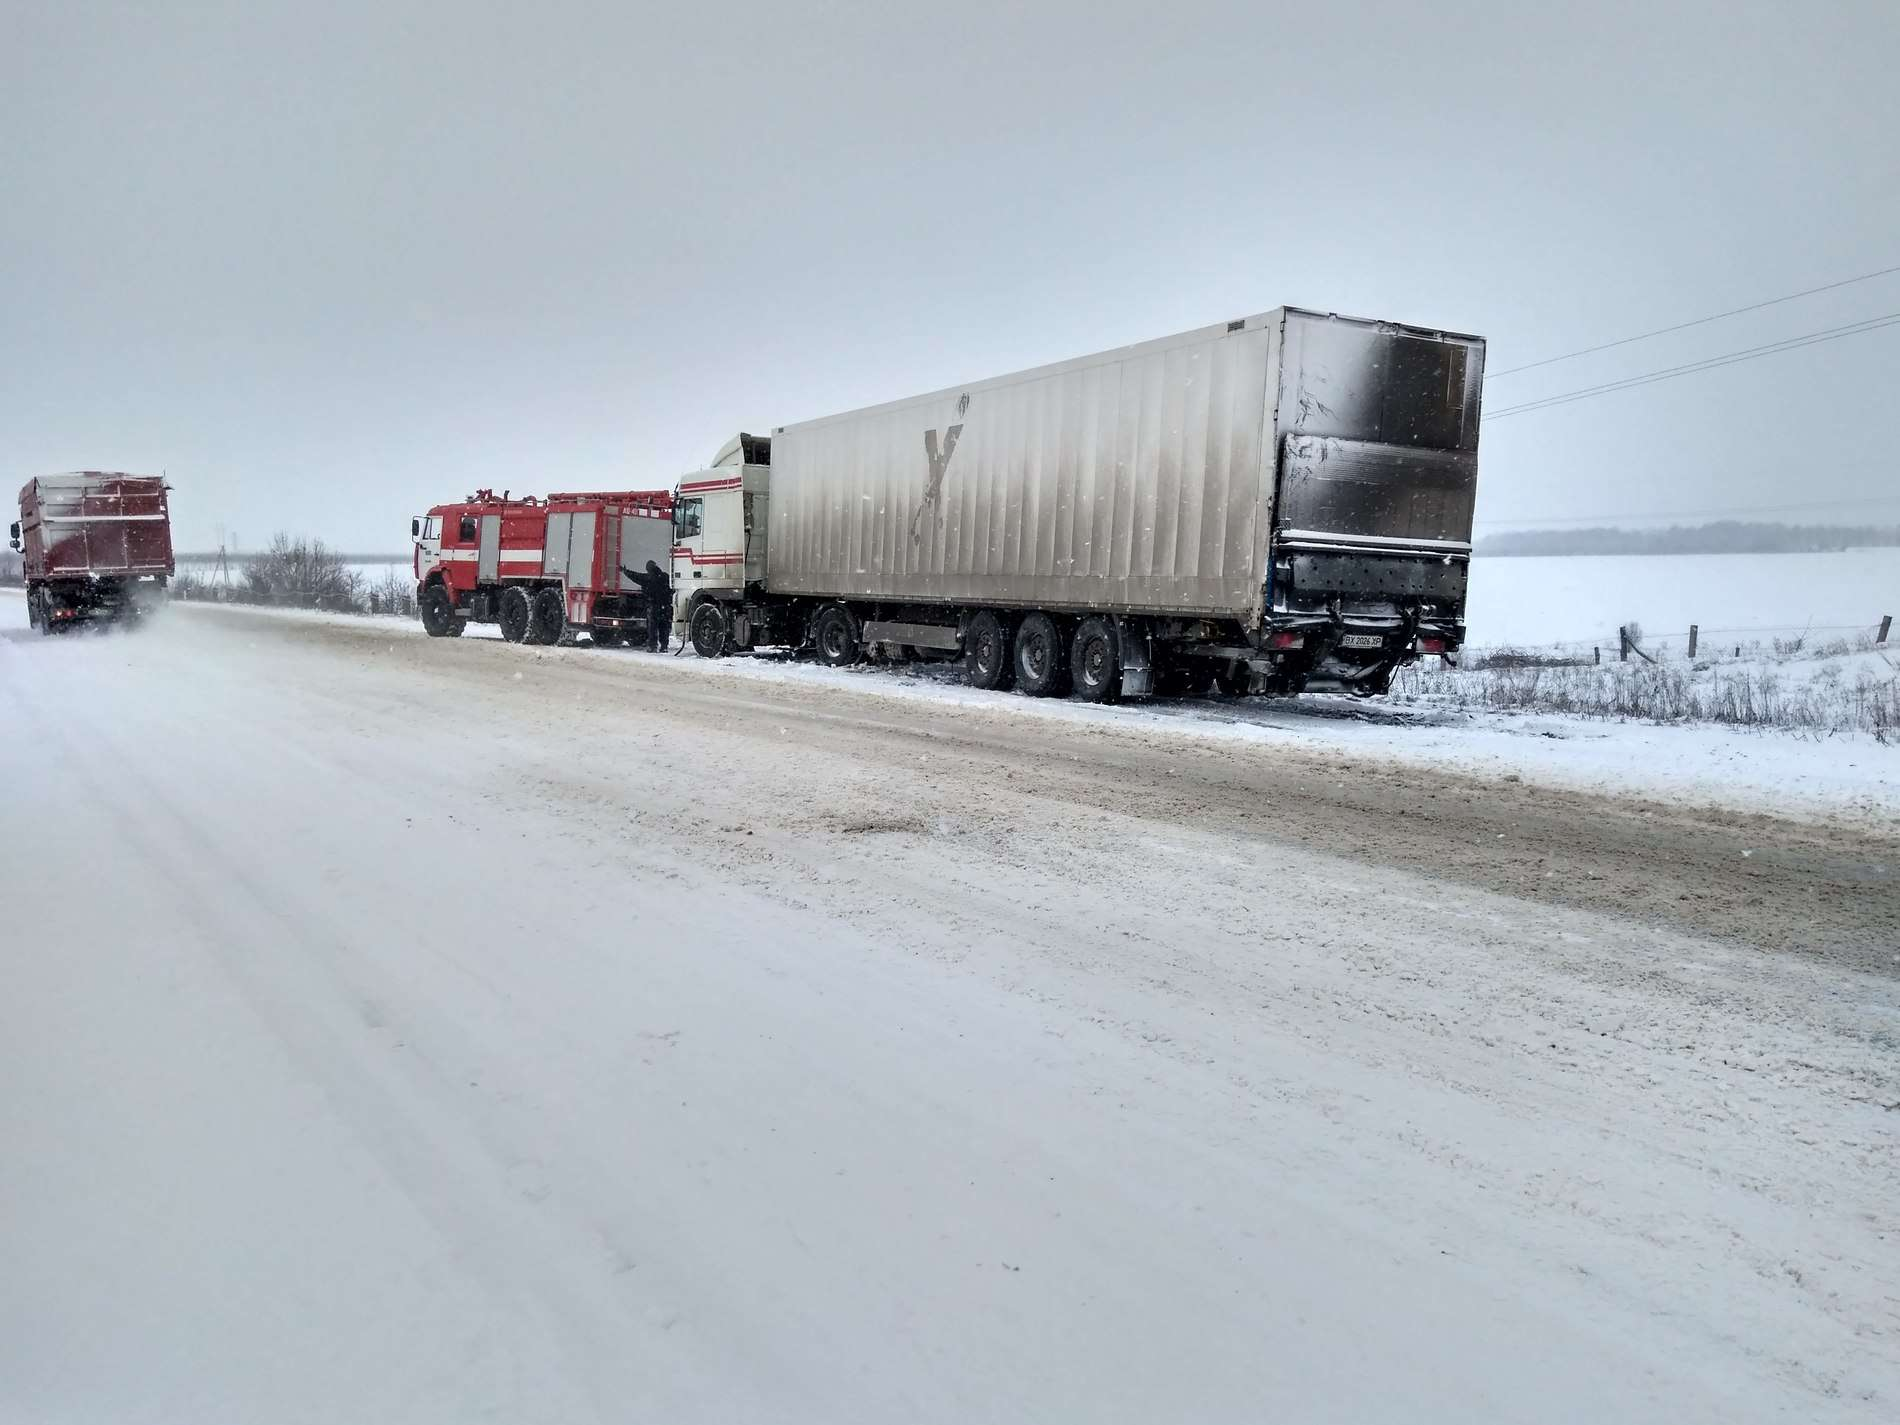 Через негоду на дорогах Буковини застрягли 60 вантажівок